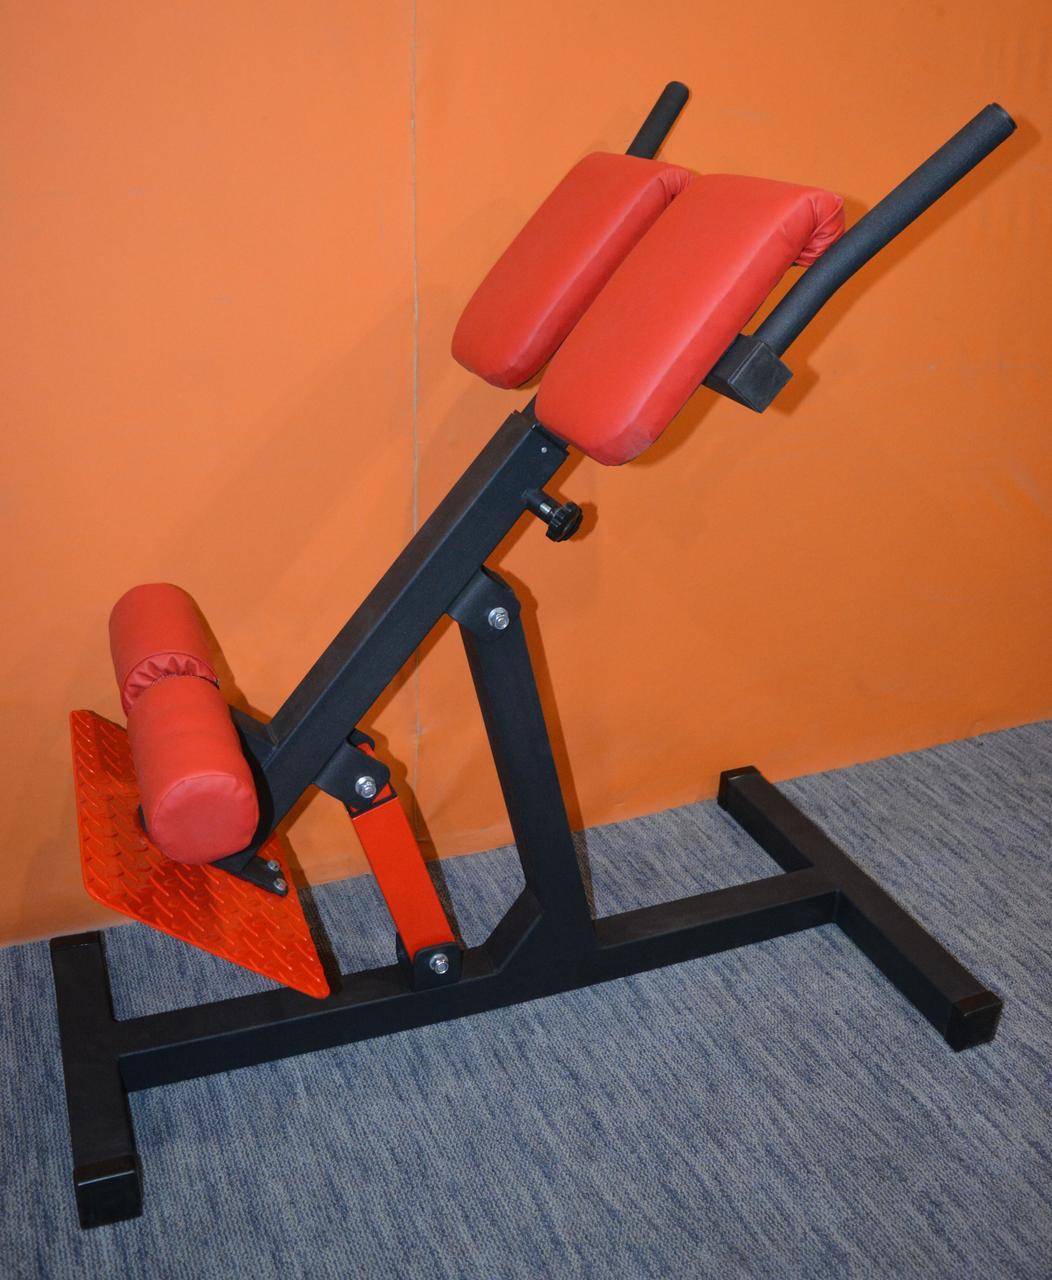 Гиперэкстензия регулируемая со сменным углом наклона, профессиональная серия до 200 кг.